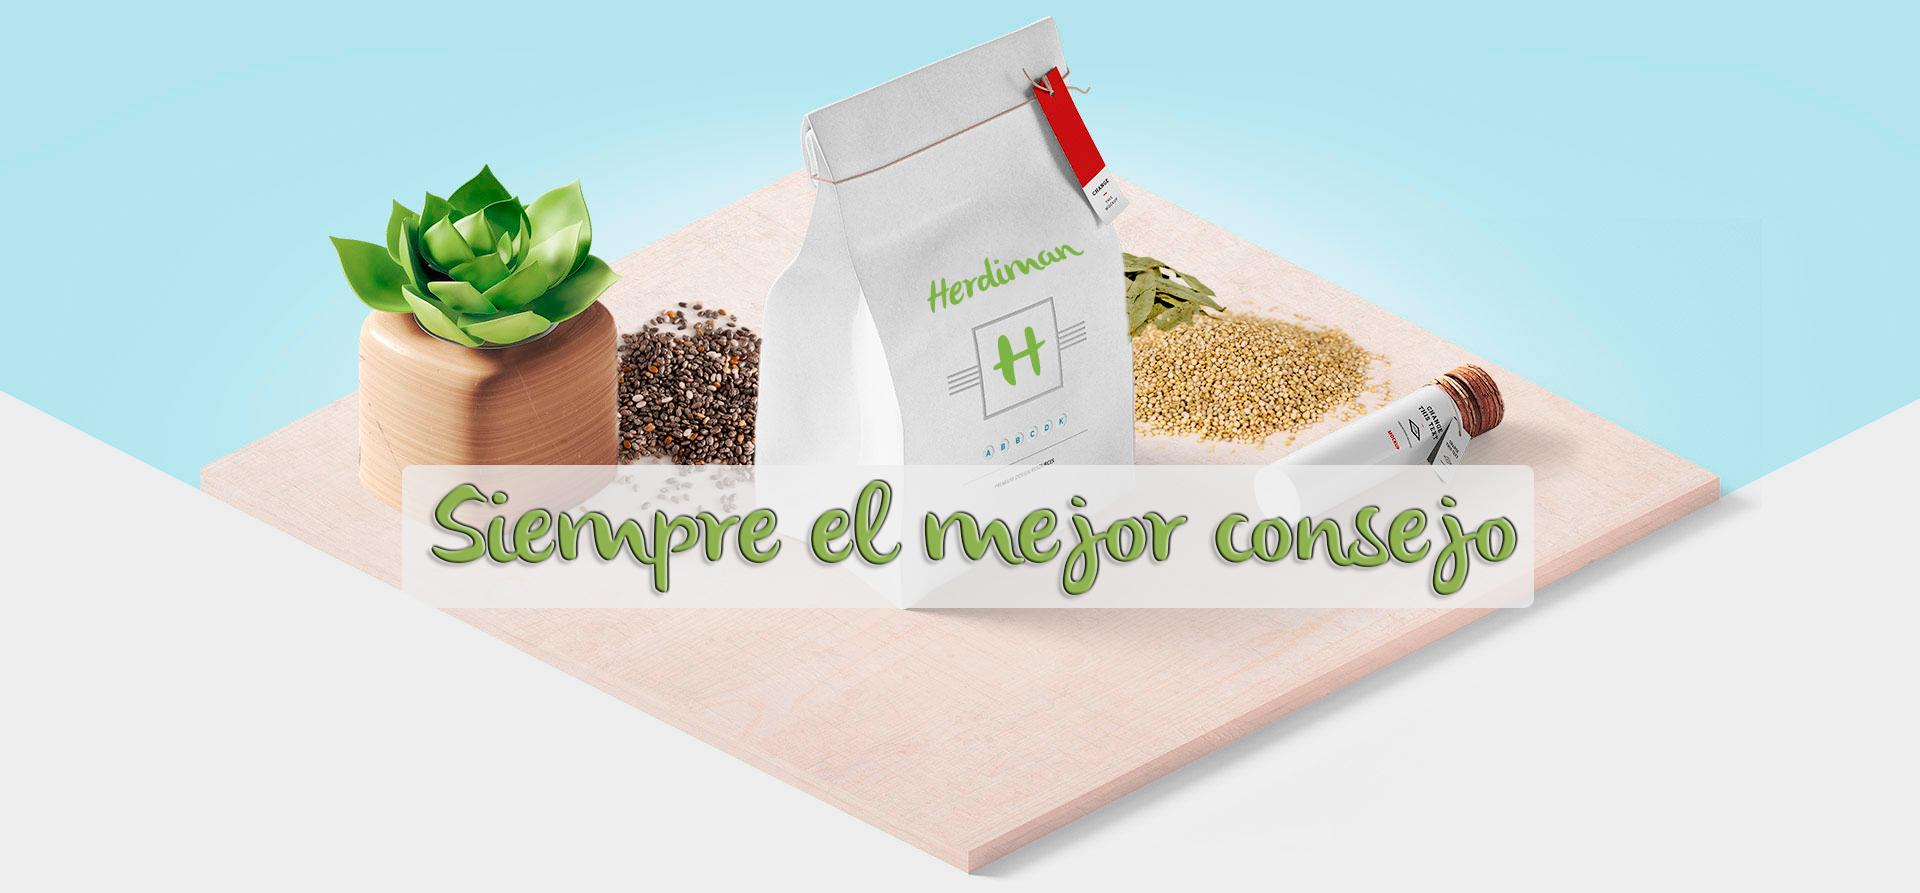 Herdiman HerboDietética Manchega - Siempre el mejor consejo